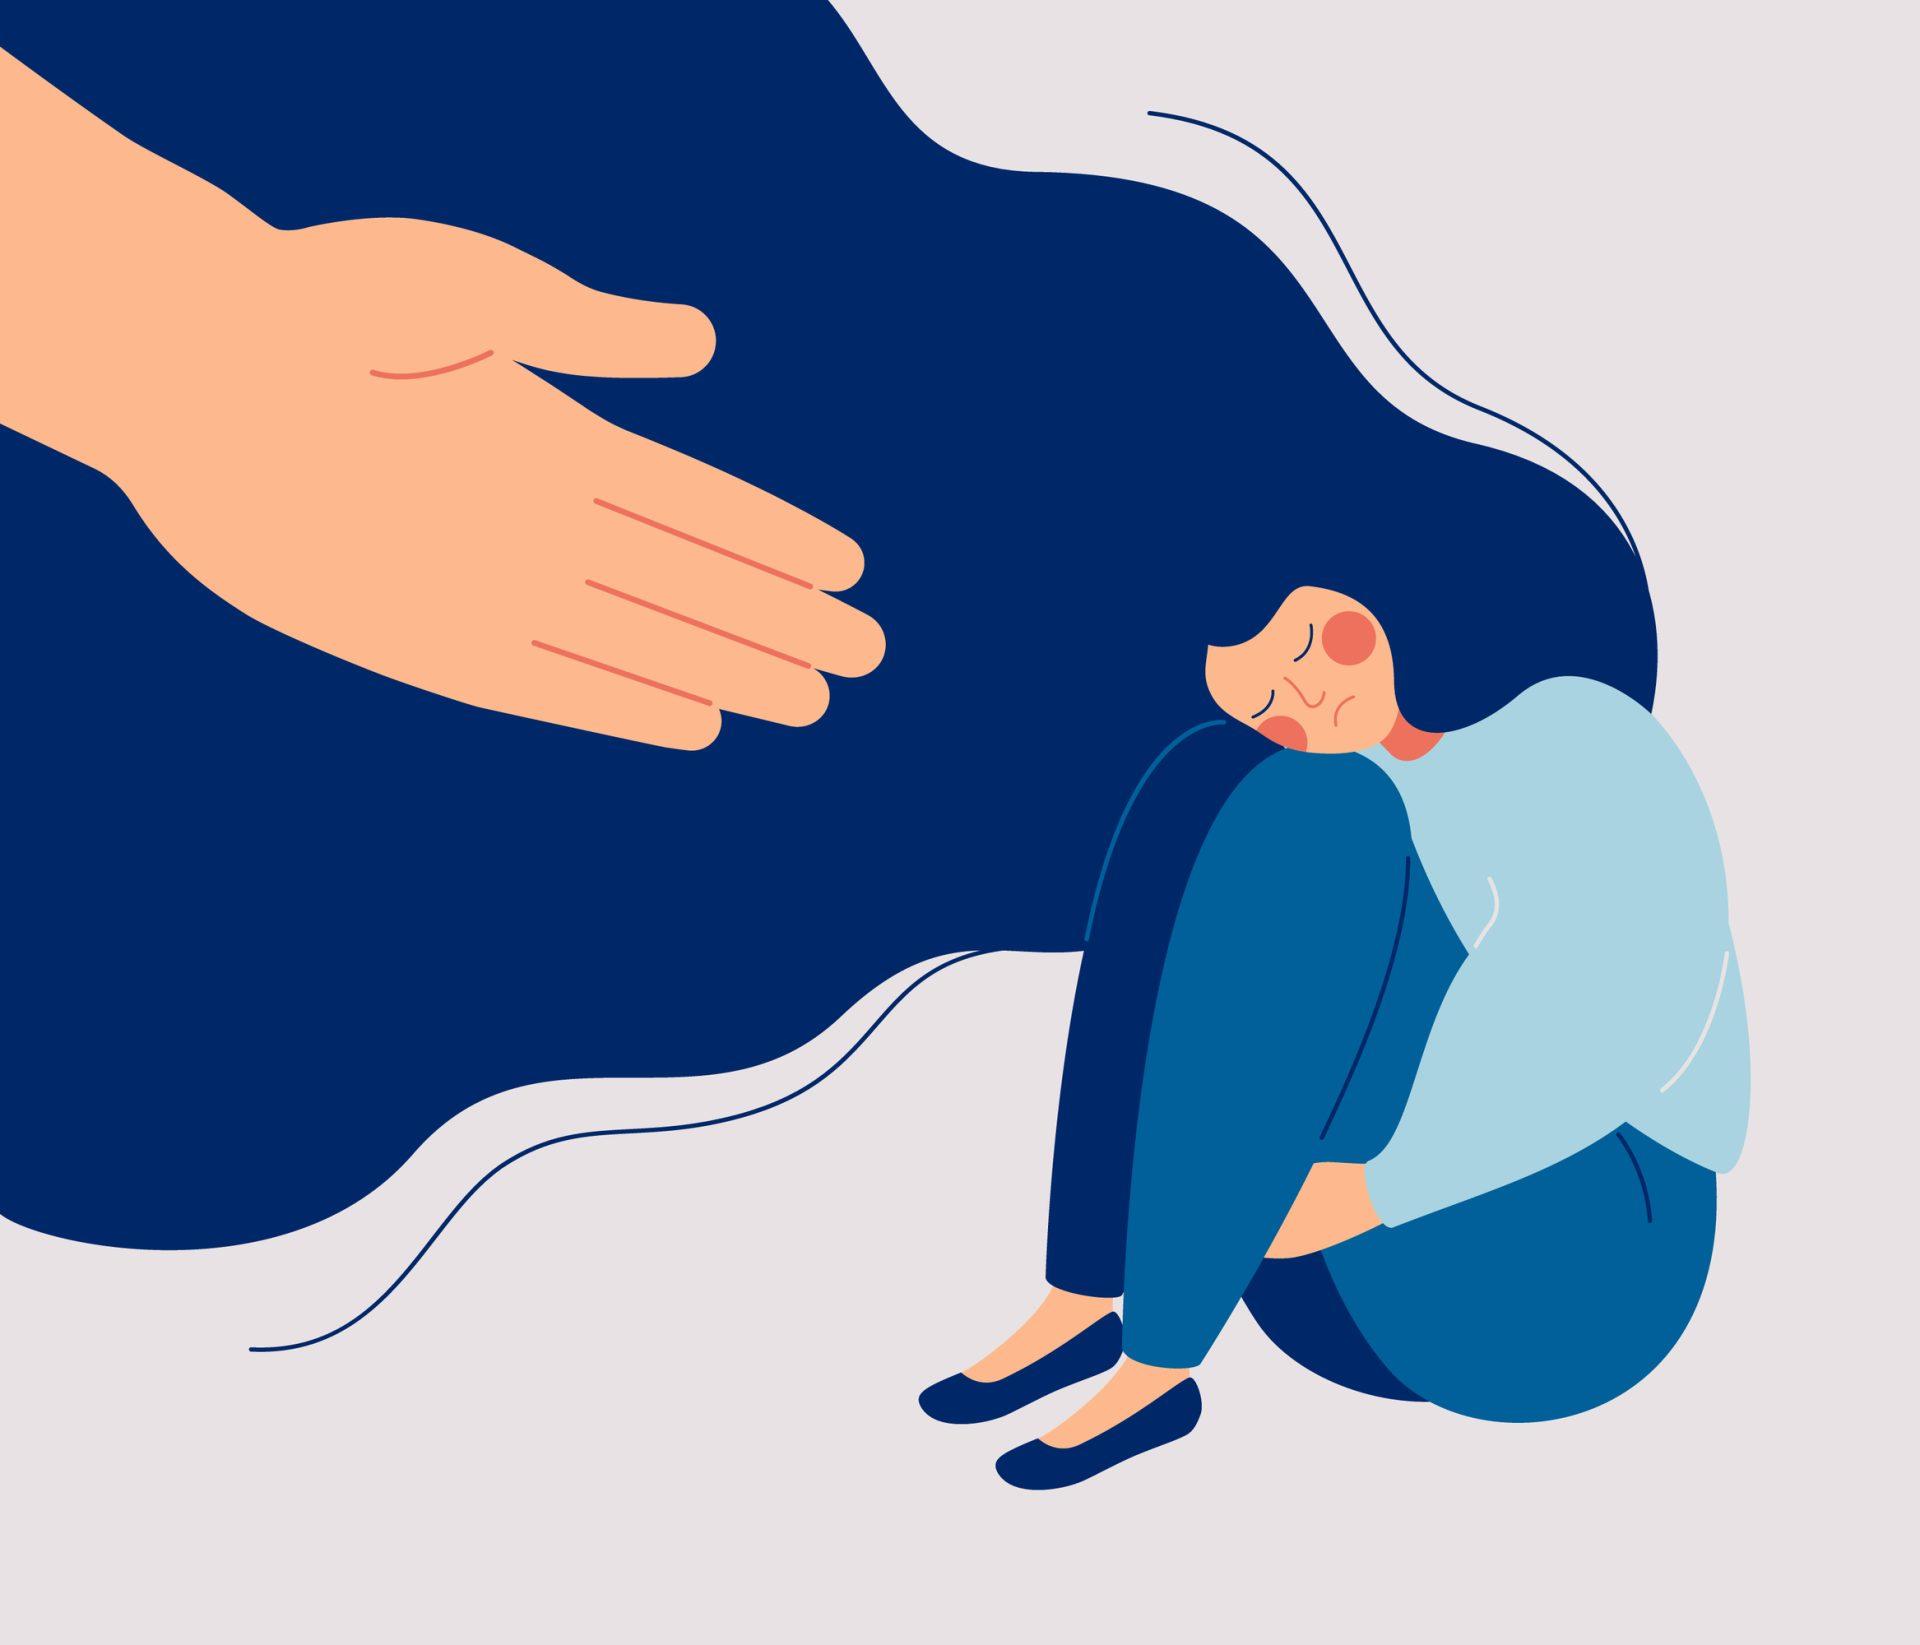 Ce e bine să știi despre anxietate, ca să-i înțelegi mai bine pe cei care o au